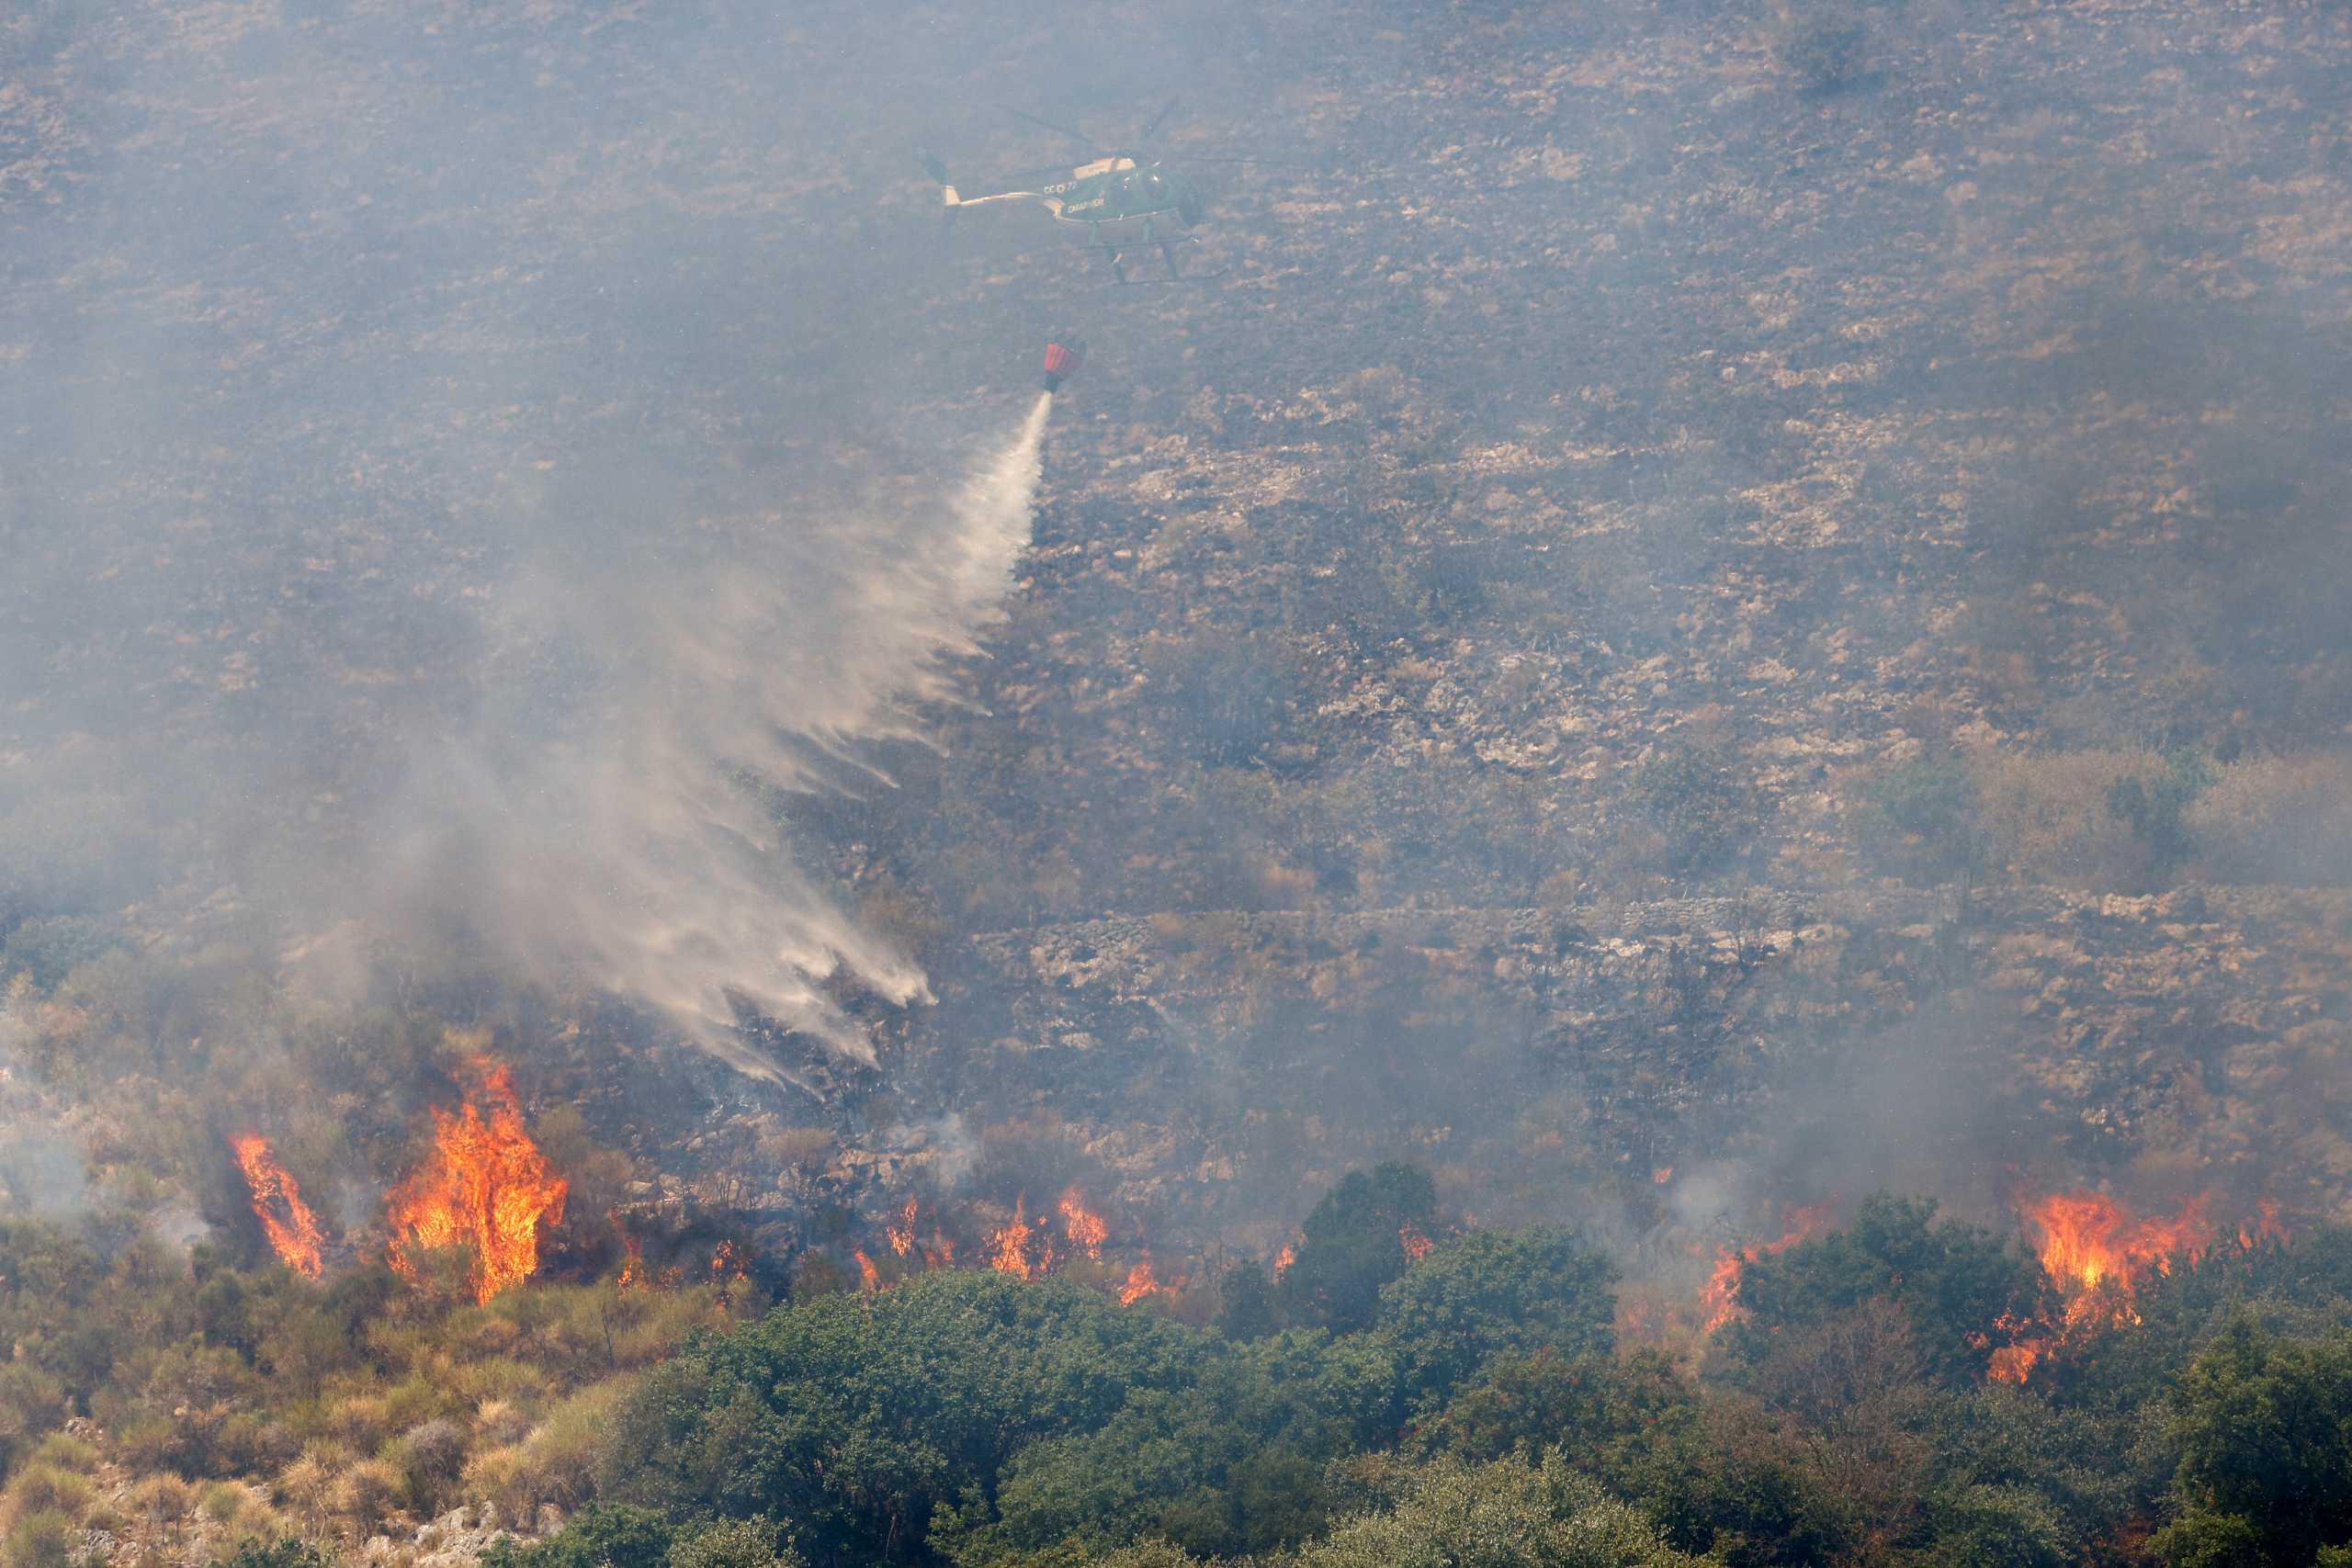 Ιταλία: Φωτιά ανατολικά της Ρώμης – Απομακρύνονται κάτοικοι